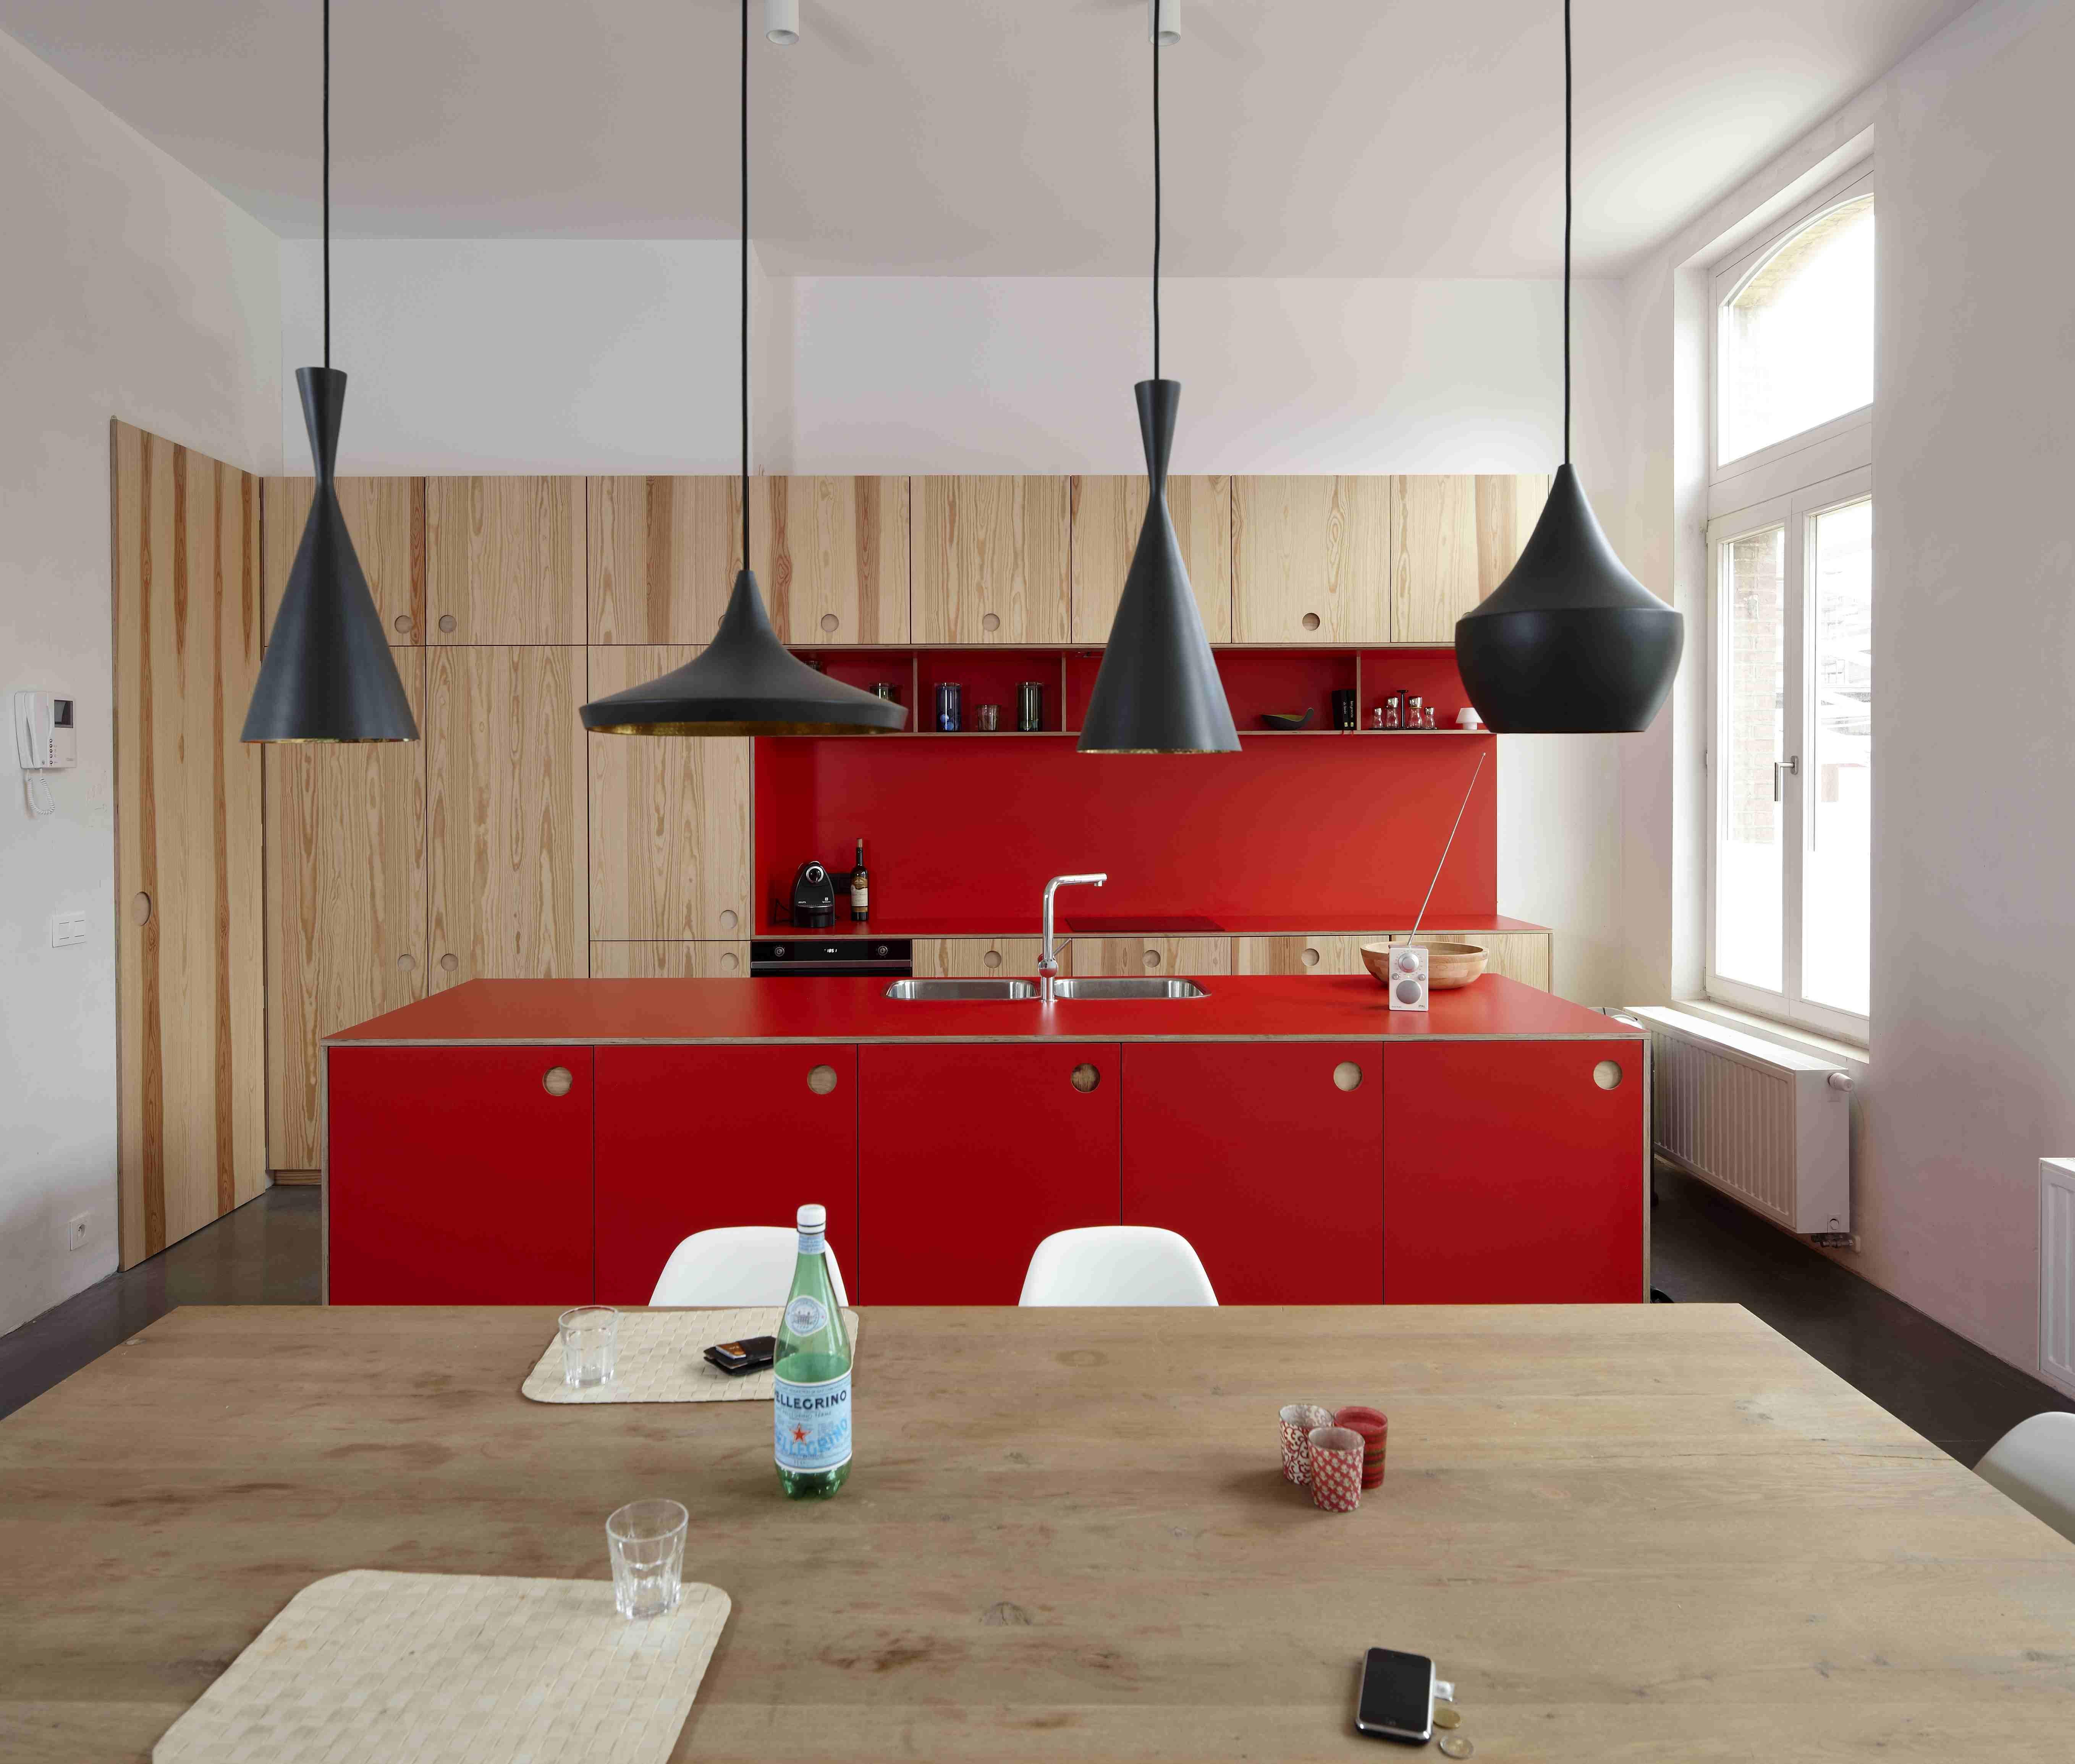 Berühmt Küchendesign Victoria Zeitgenössisch - Ideen Für Die Küche ...